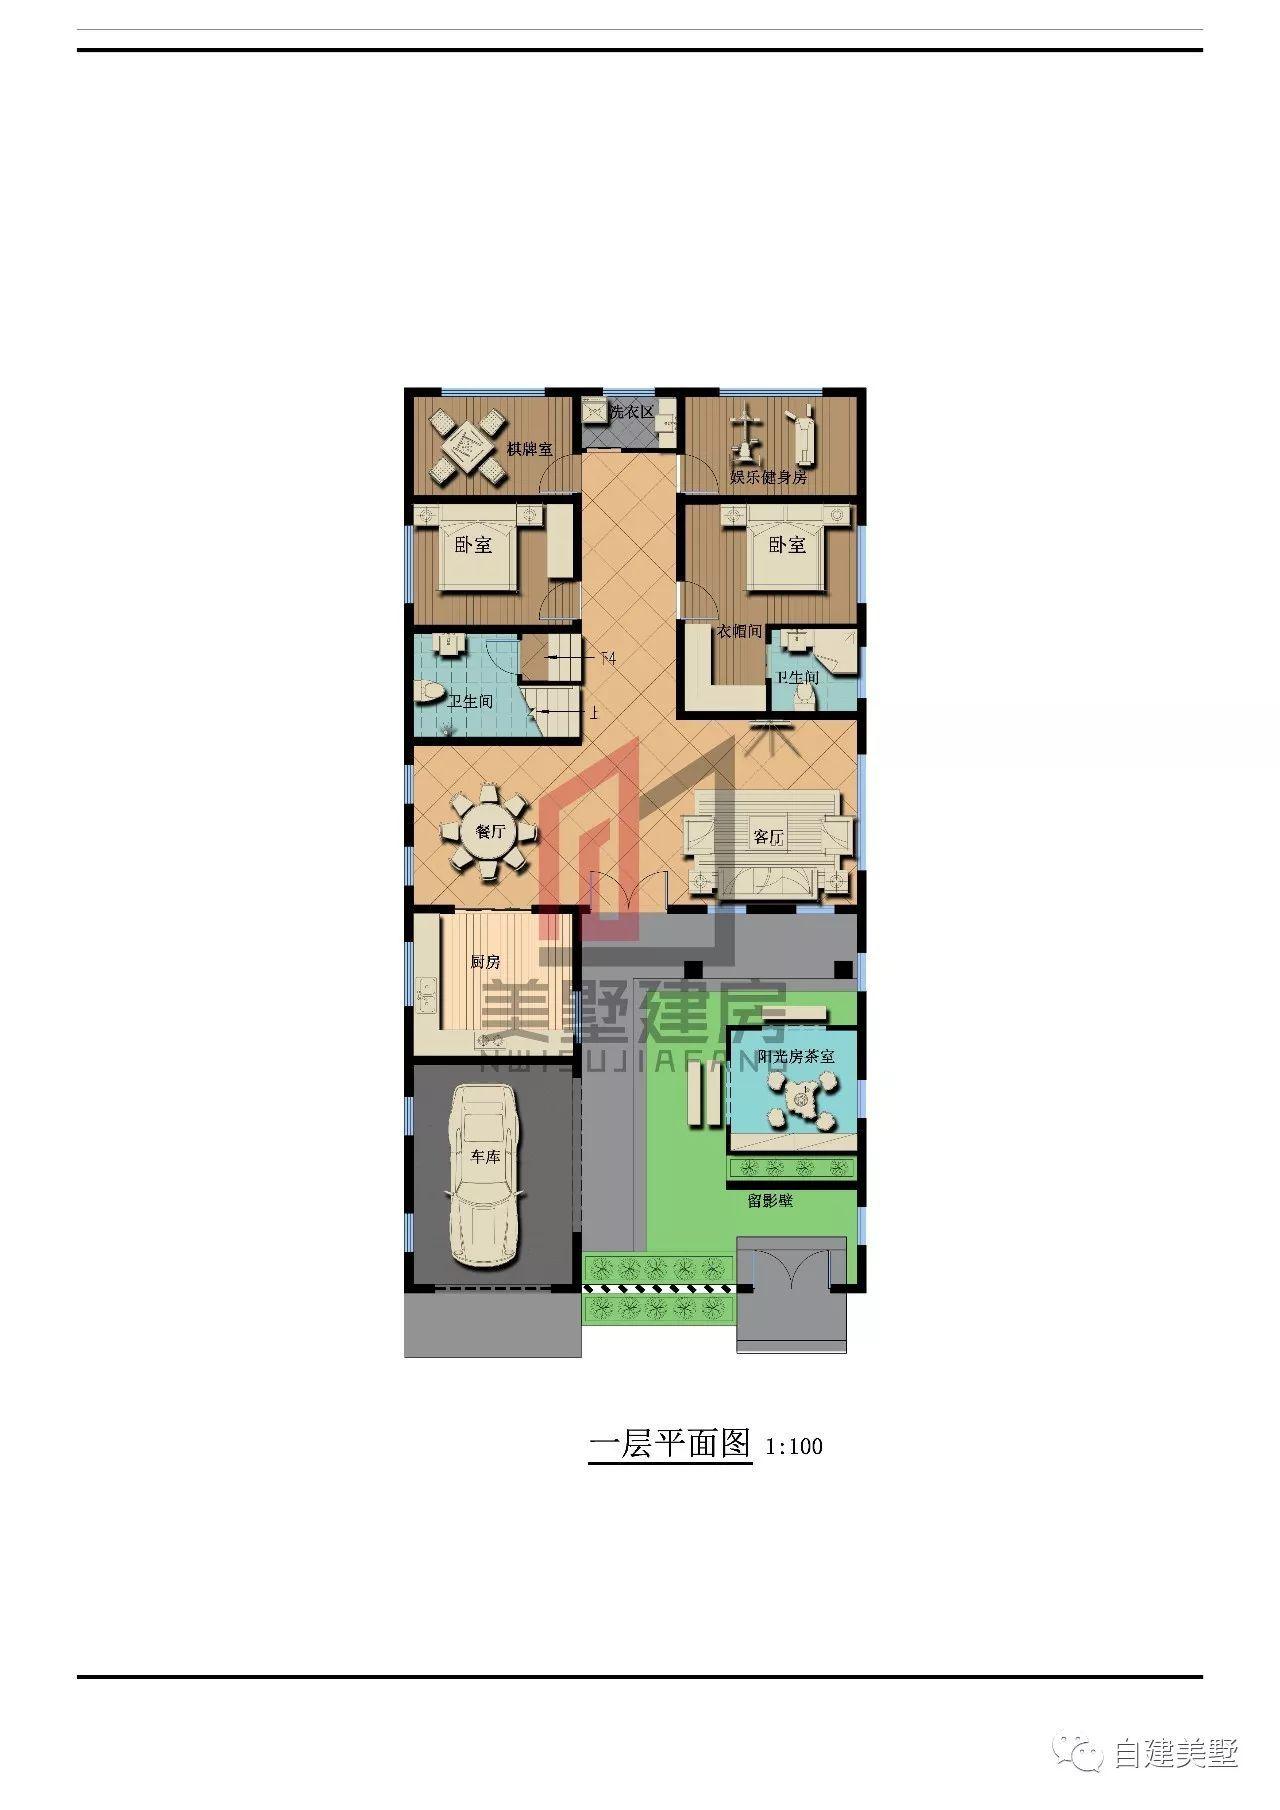 6米 建筑层数:2层 图纸编号:ms1706006 占地尺寸:20.4x9.